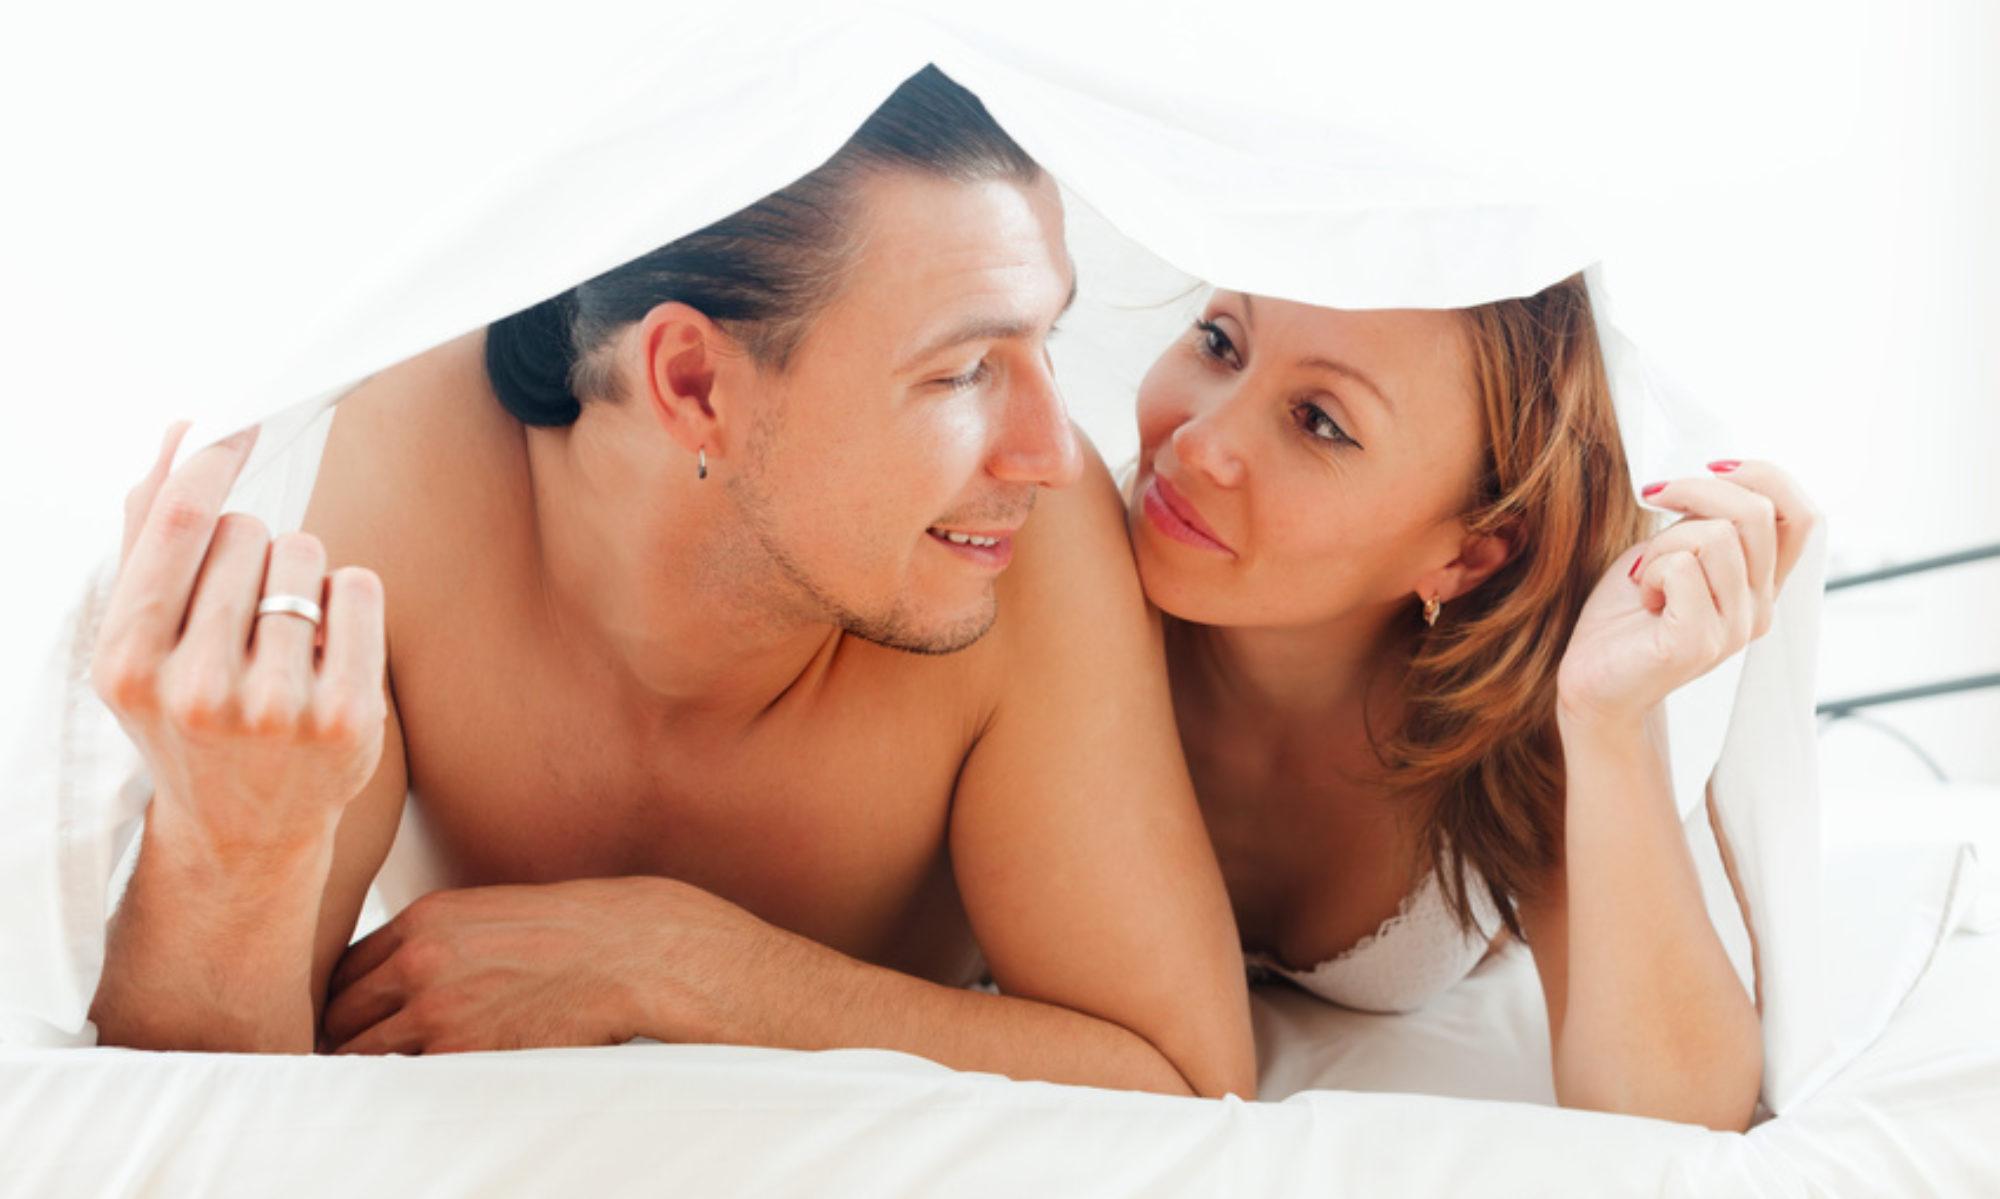 Privatsex - Kontakte, Fotos und Filme